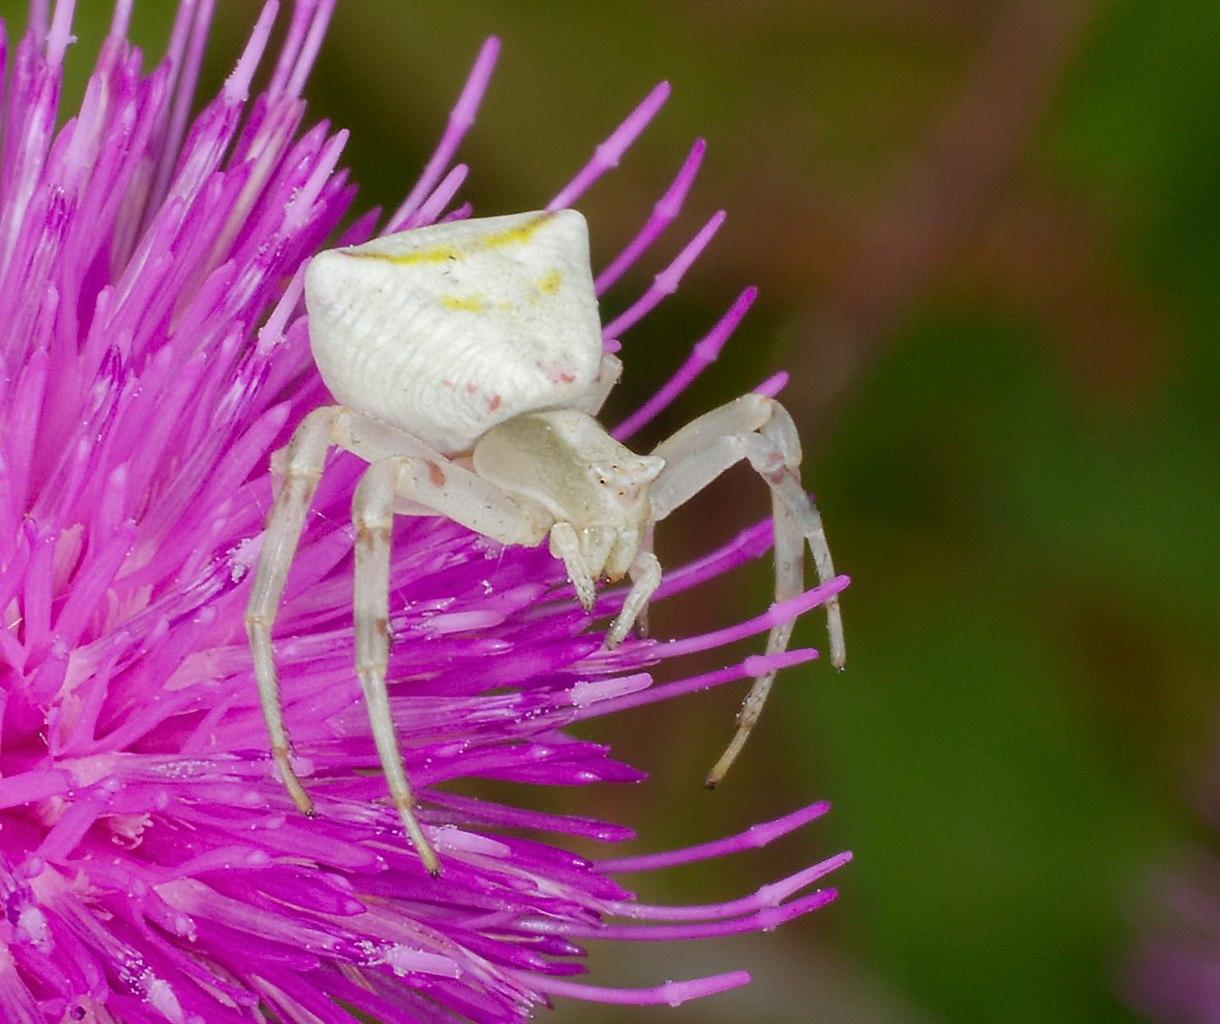 Kvetárik menlivý (Thomisus onustus) - samička